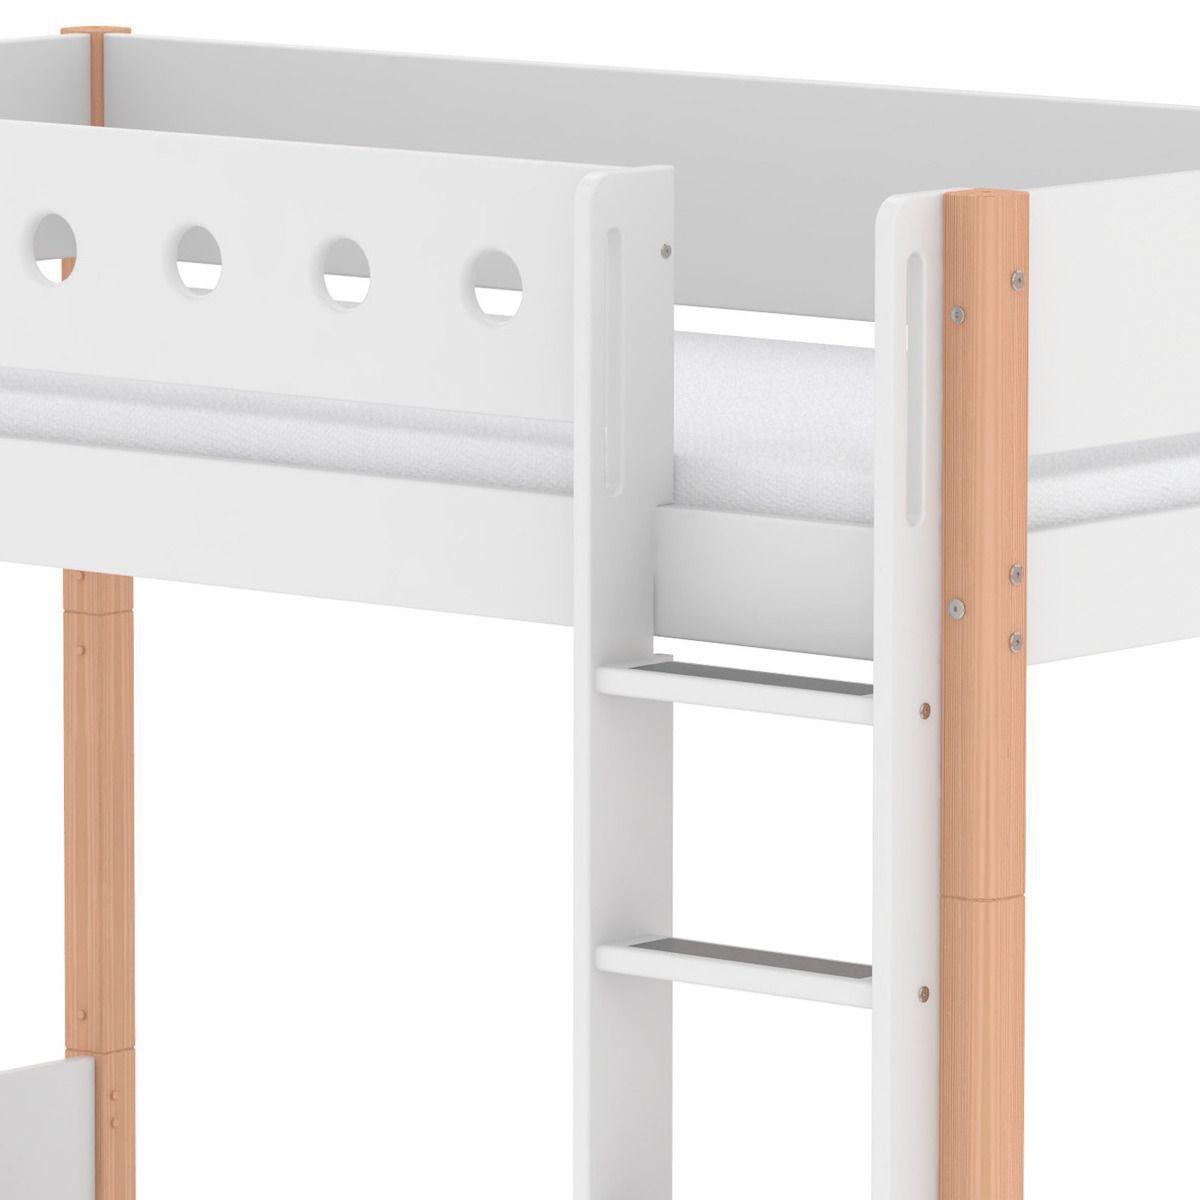 Lit évolutif enfant superposé 90x200 cm - échelle droite WHITE Flexa naturel - blanc